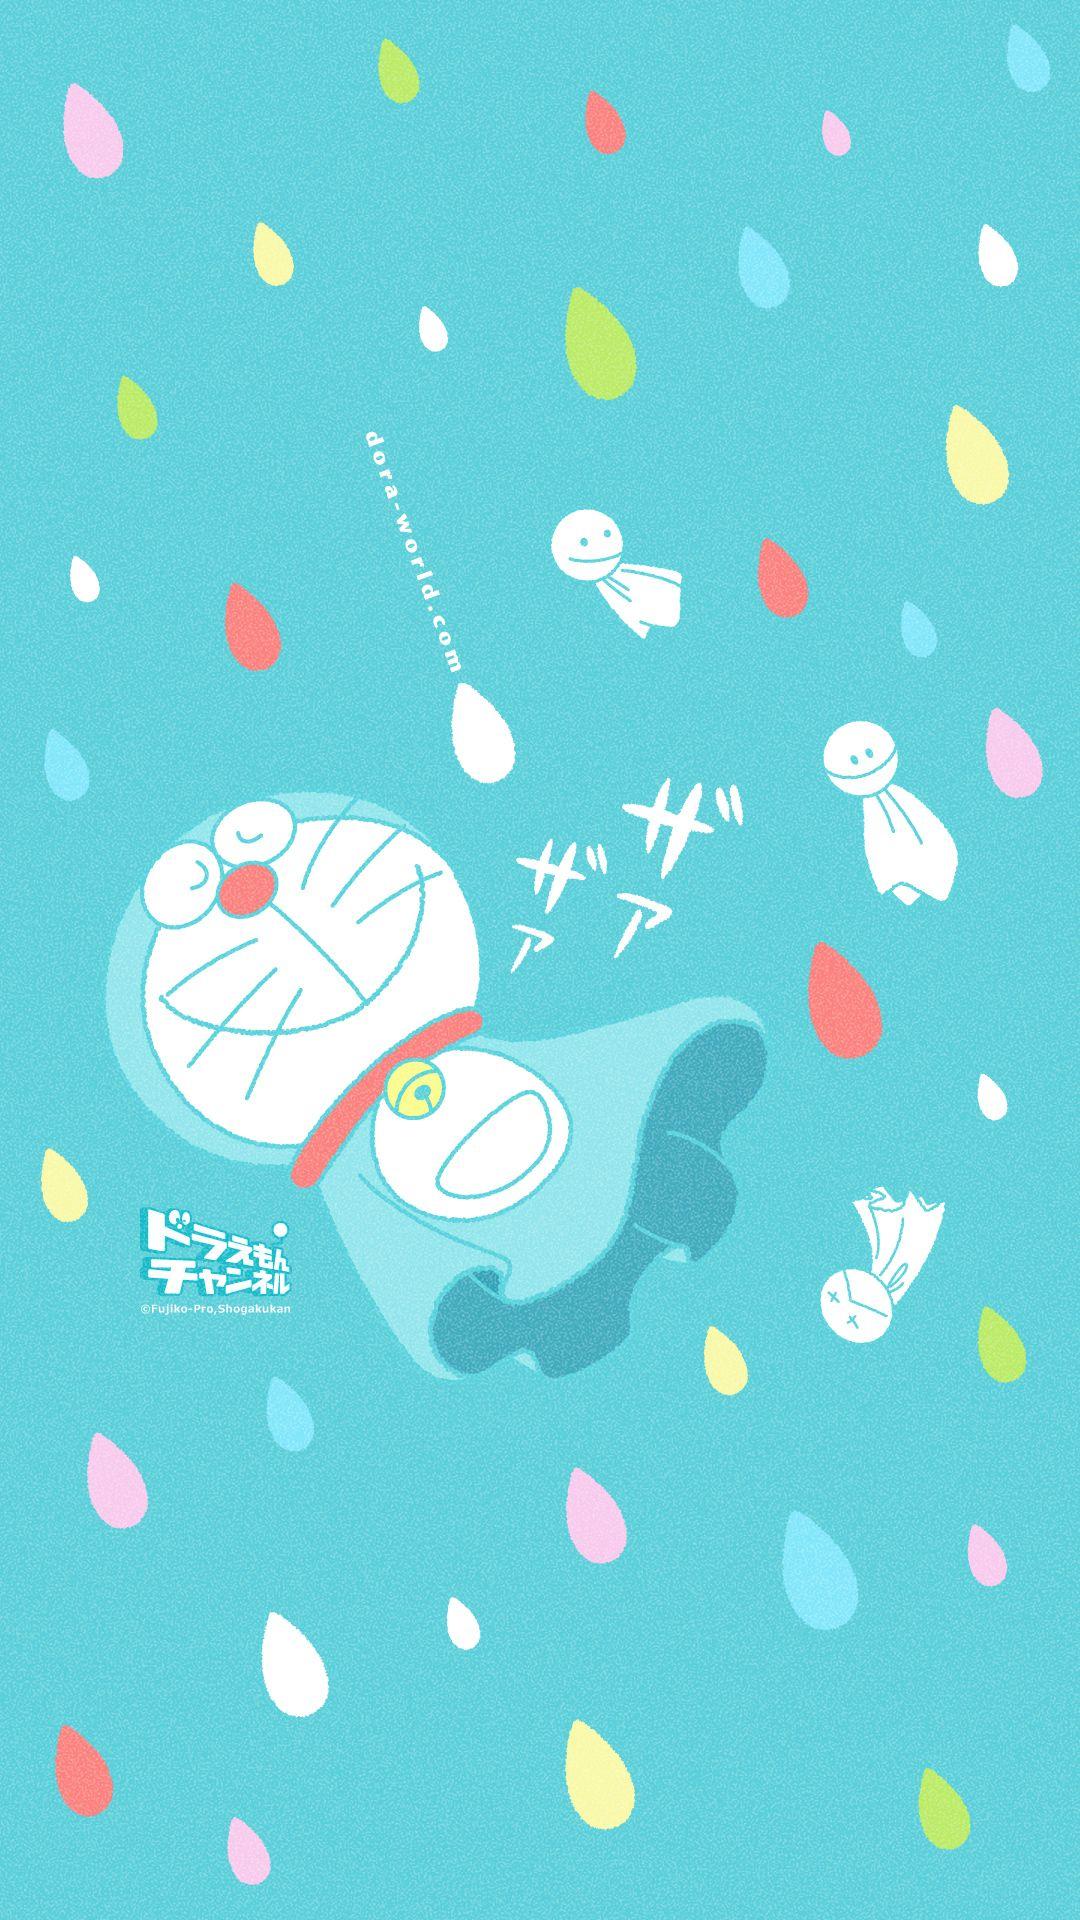 Doraemon Wallpaper ドラえもん 壁紙 ドラえもん イラスト ドラえもん